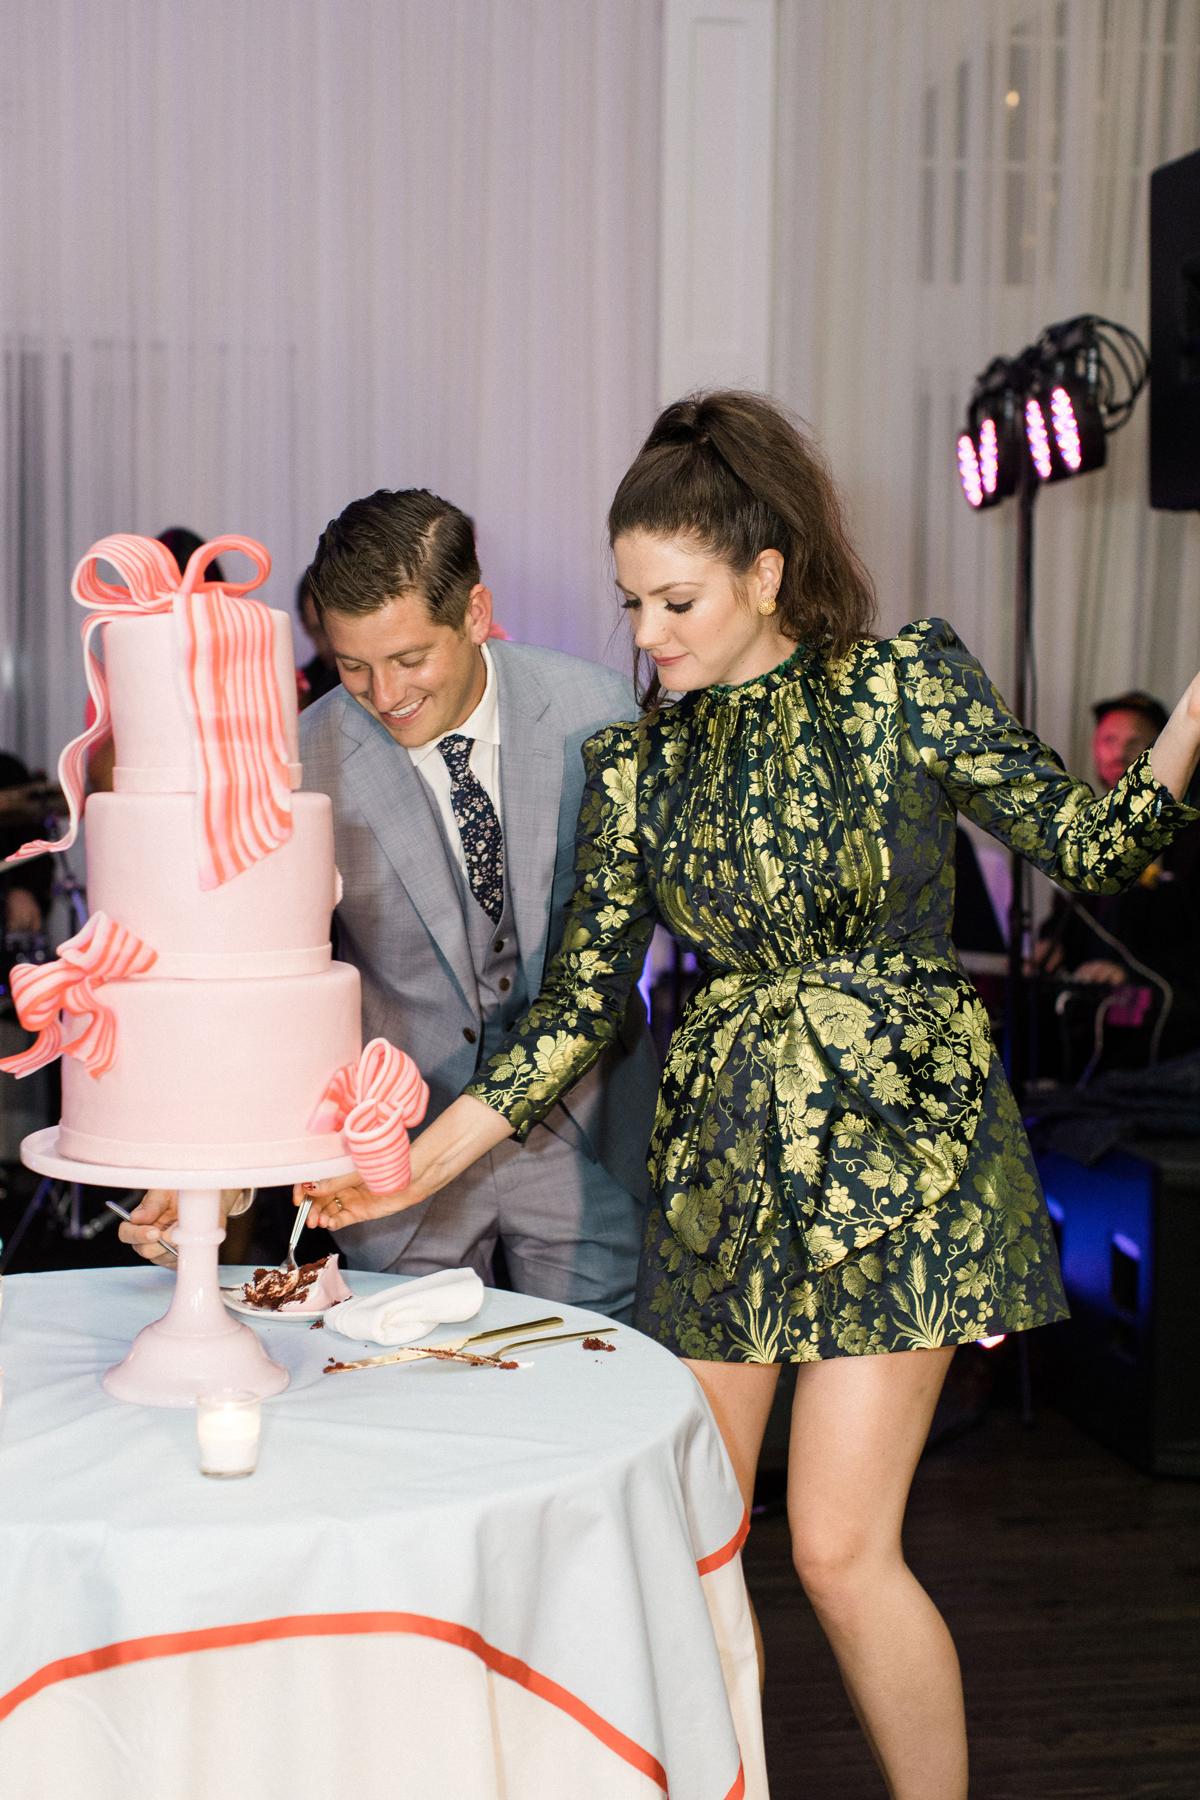 colleen stephen newport wedding couple cutting pink wedding cake